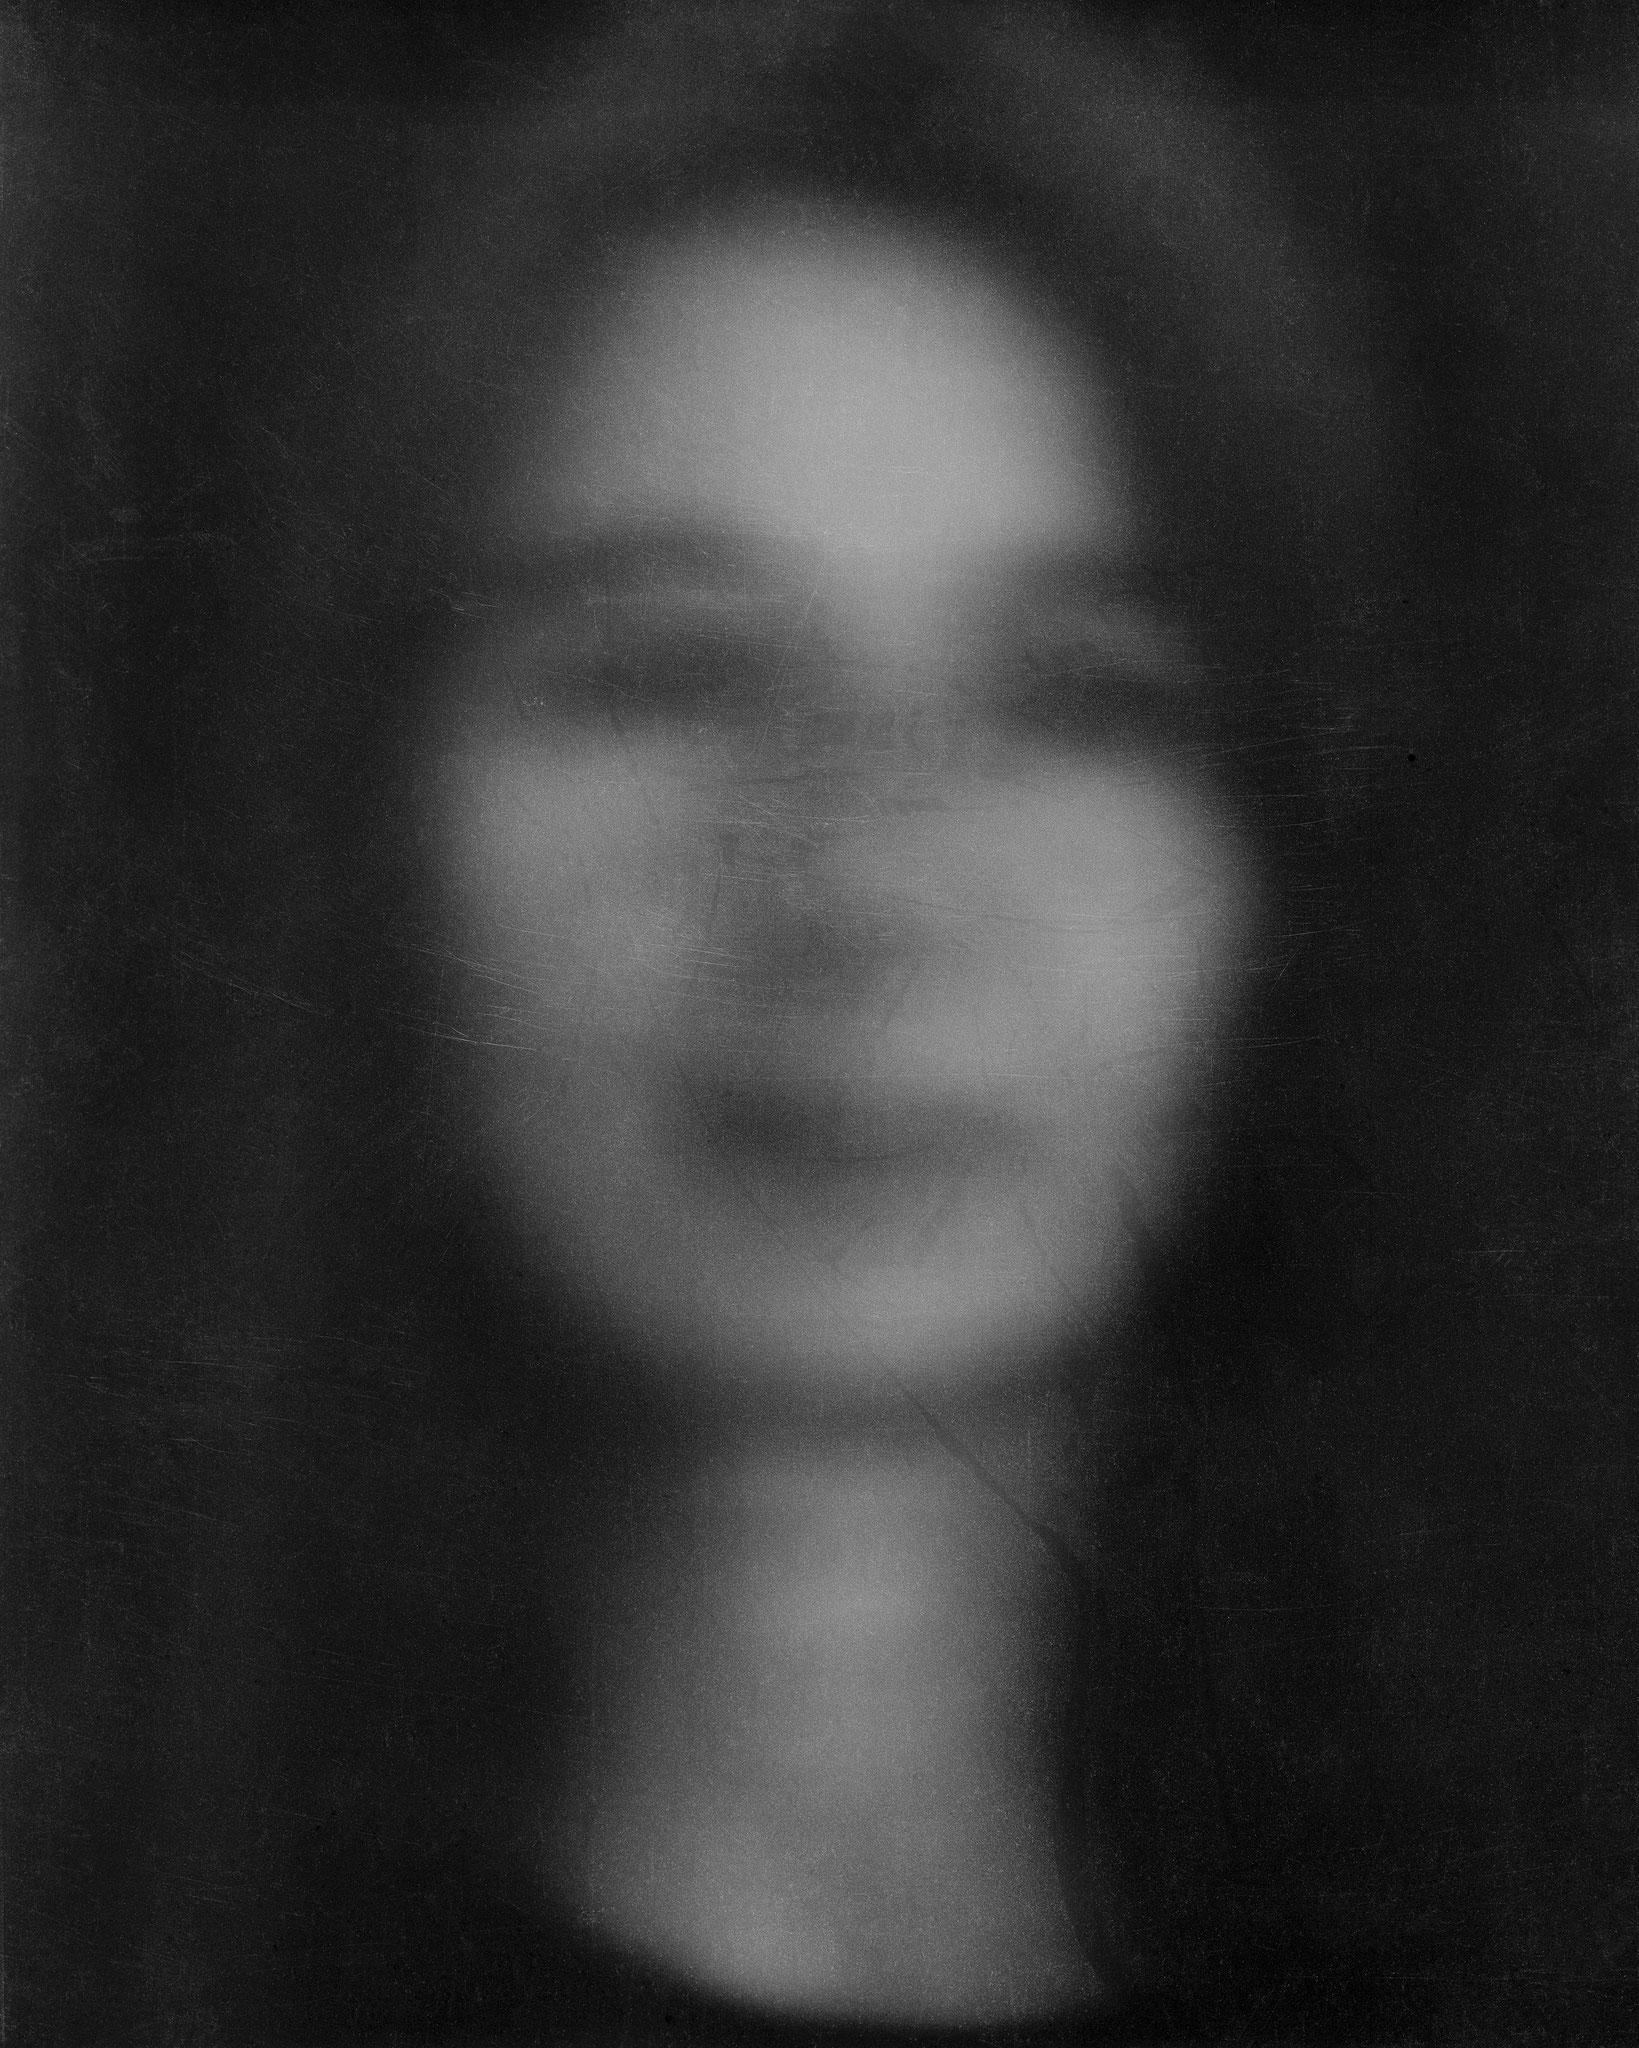 Eva, Langzeitbelichtung von über 40 Minuten, 2014  belichtet auf 8 x 10inch Negativmaterial, Pigmentdruck auf Büttenpapier, Grösse variabel